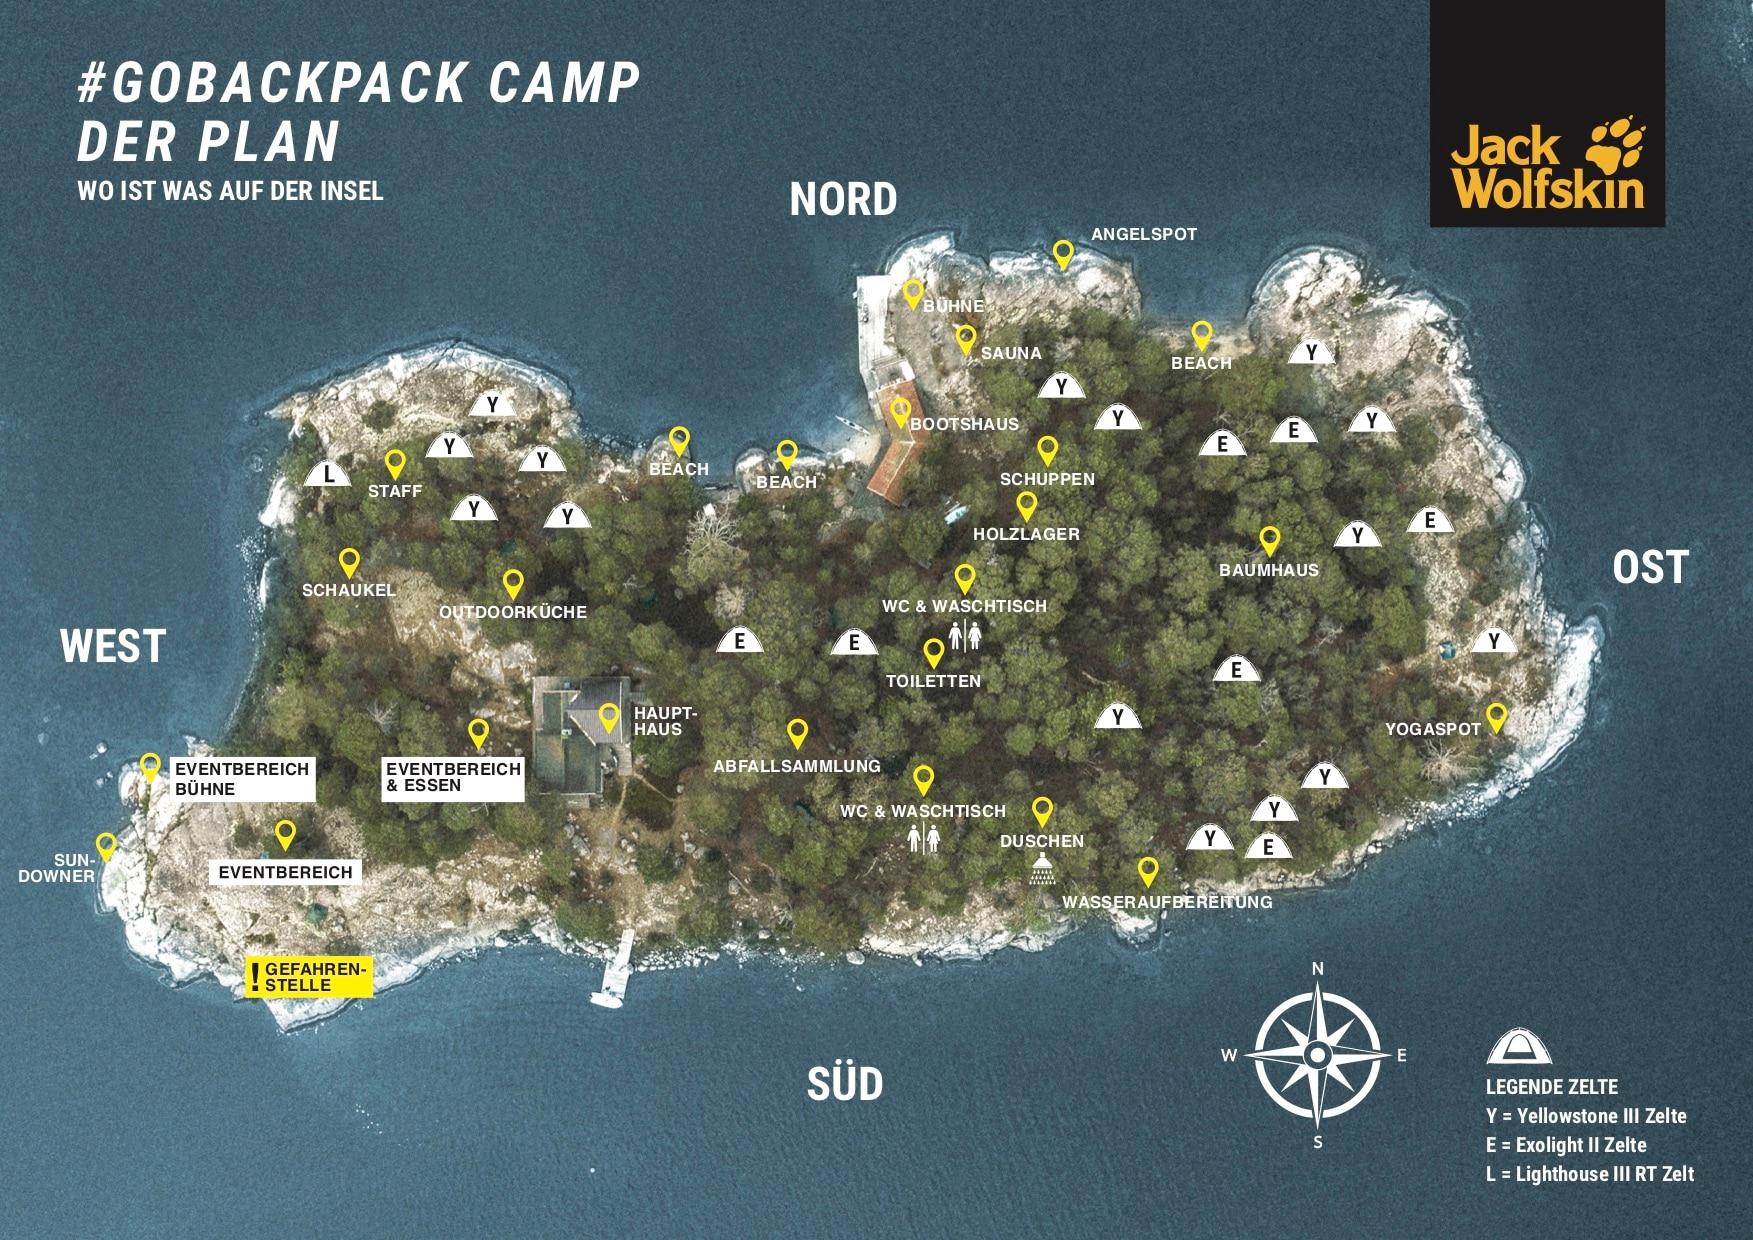 GOBACKPACK CAMP: Alles rund um das Outdoor Abenteuer des